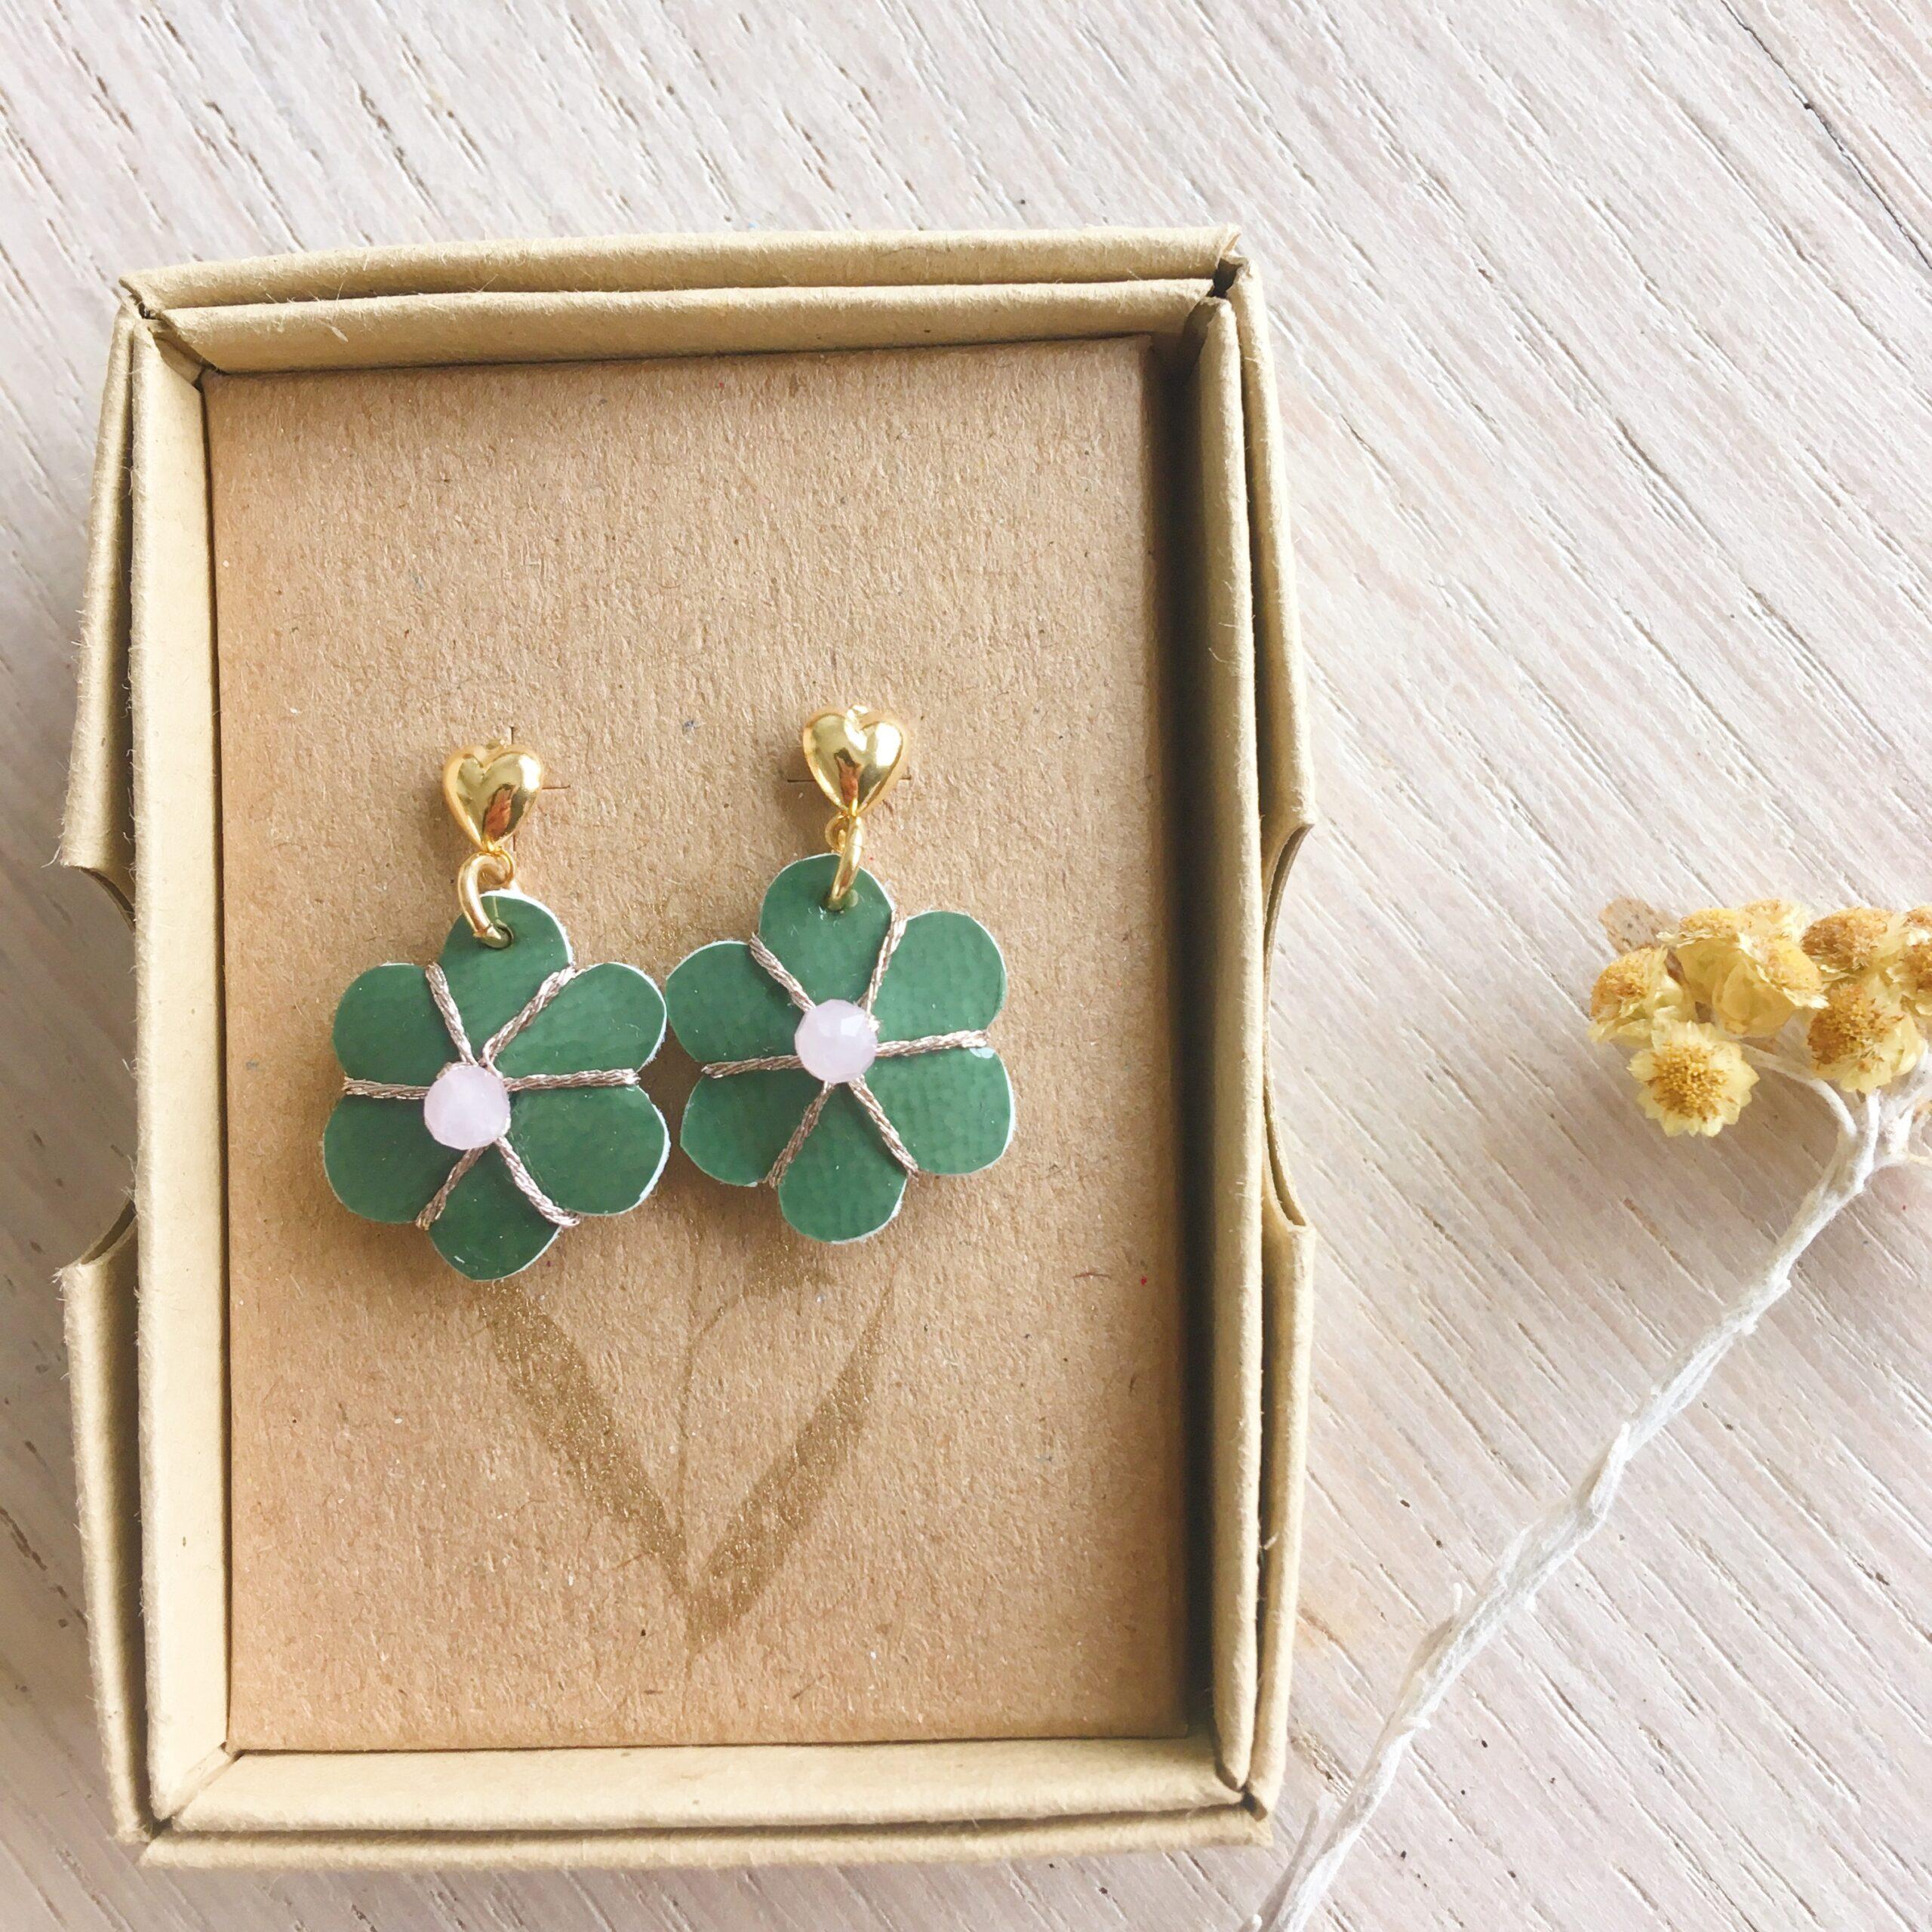 boucles d'oreilles petites puces coeur doré or fin et fleur verte en cuir brodée main avec quartz rose fabrication artisanale française - du vent dans mes valises